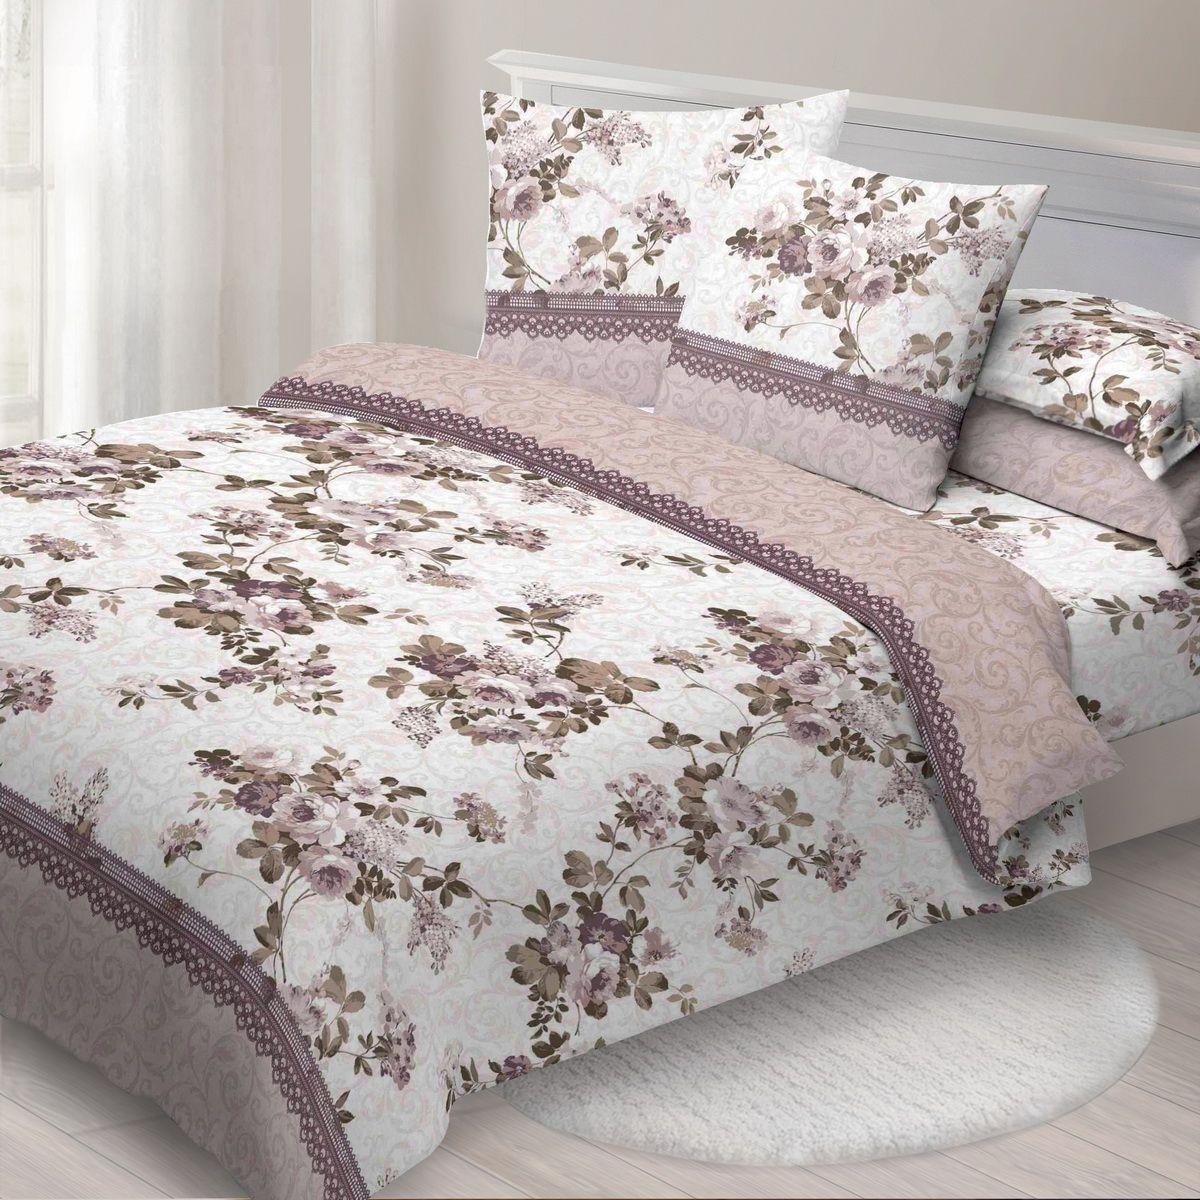 Комплект белья Спал Спалыч Амелия, cемейный, наволочки 70x70, цвет: бежевый комплект постельного белья 1 5 спал спалыч рис 4084 1 карамель